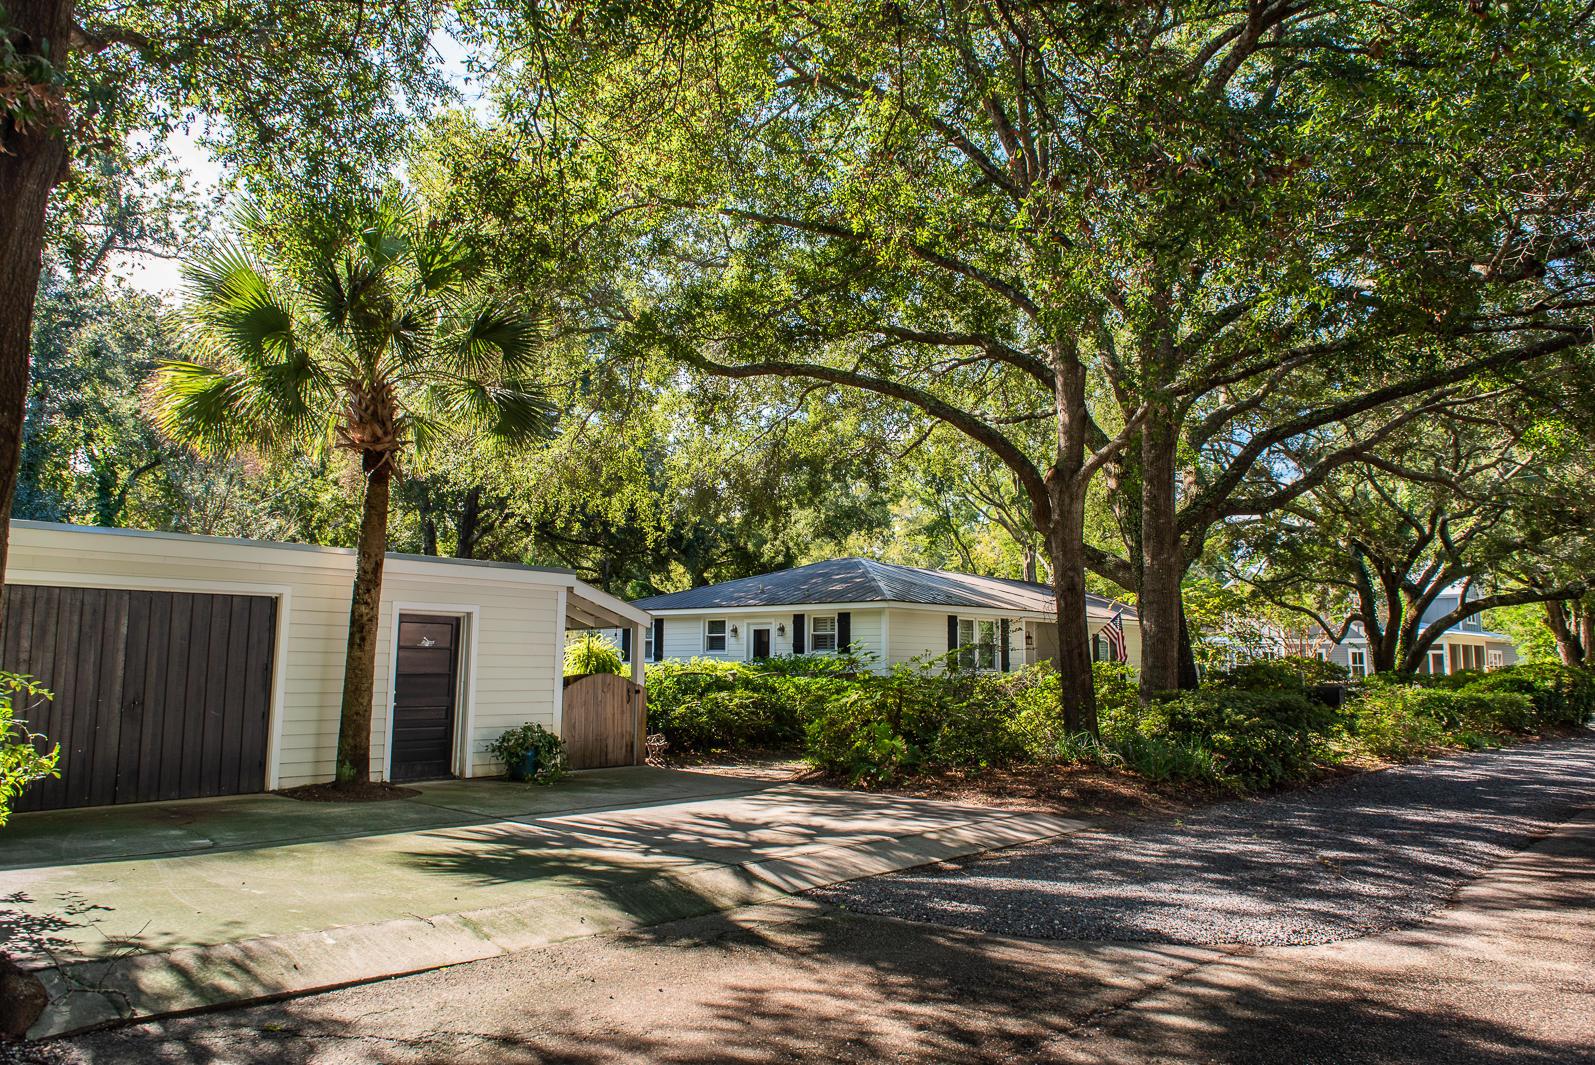 Old Mt Pleasant Homes For Sale - 1344 Fairmont, Mount Pleasant, SC - 66